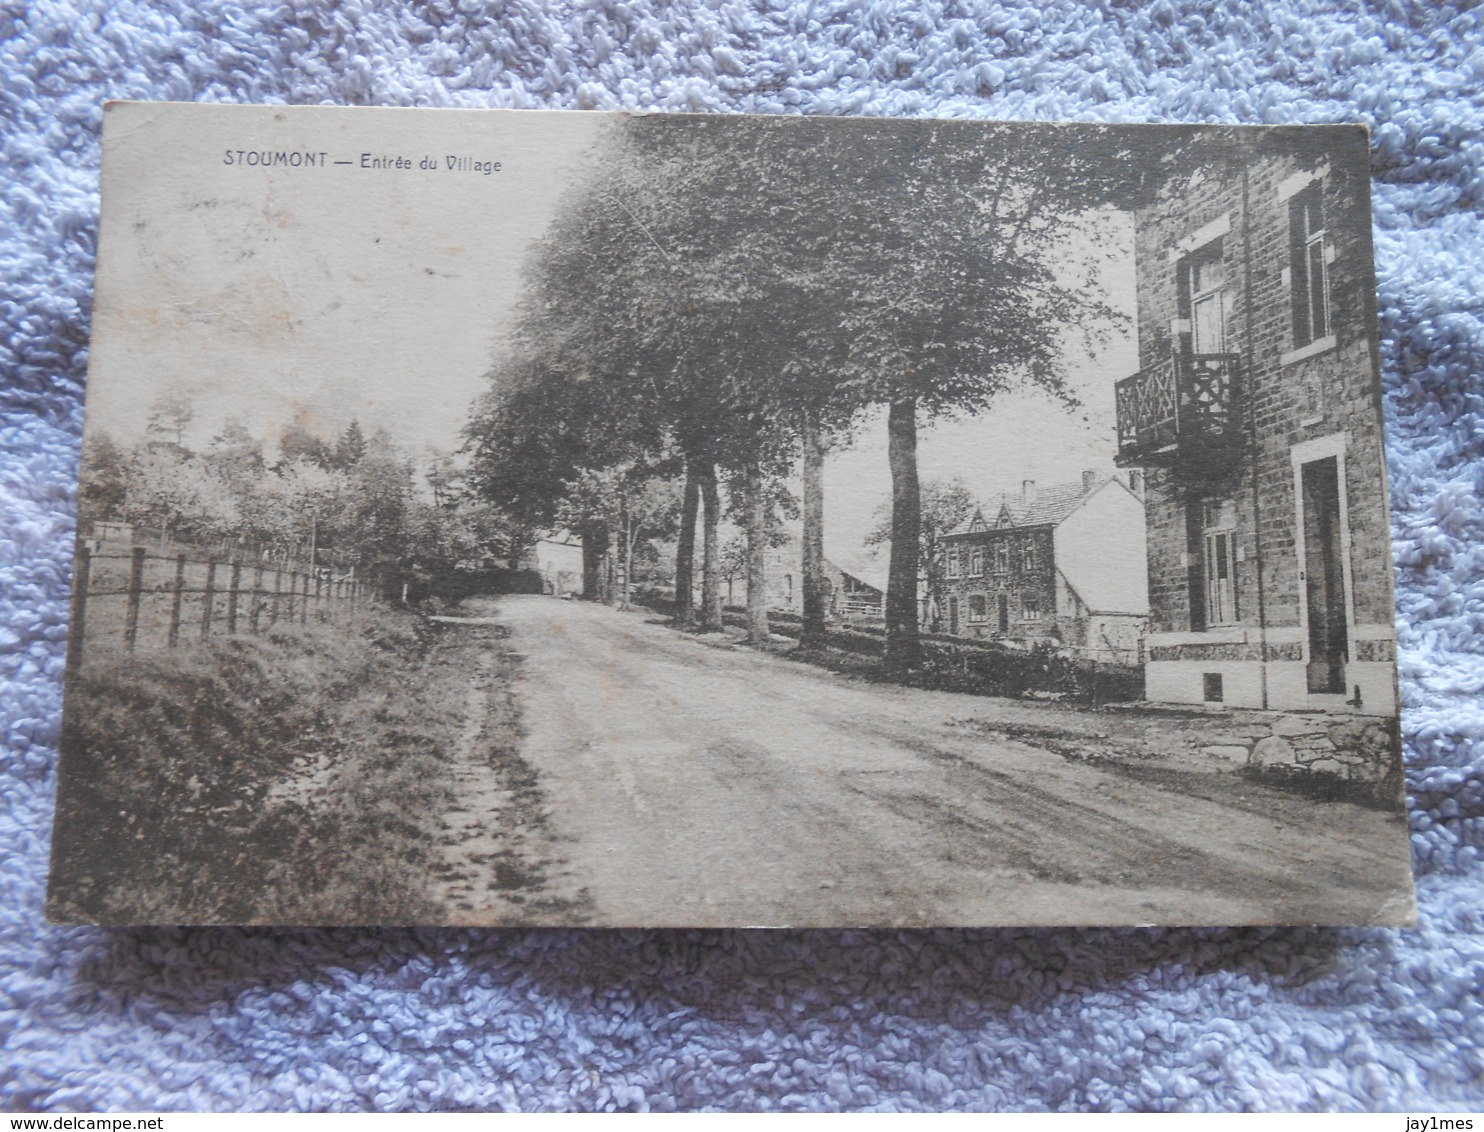 Cpa Stoumont Entree Village 1926 - Stoumont